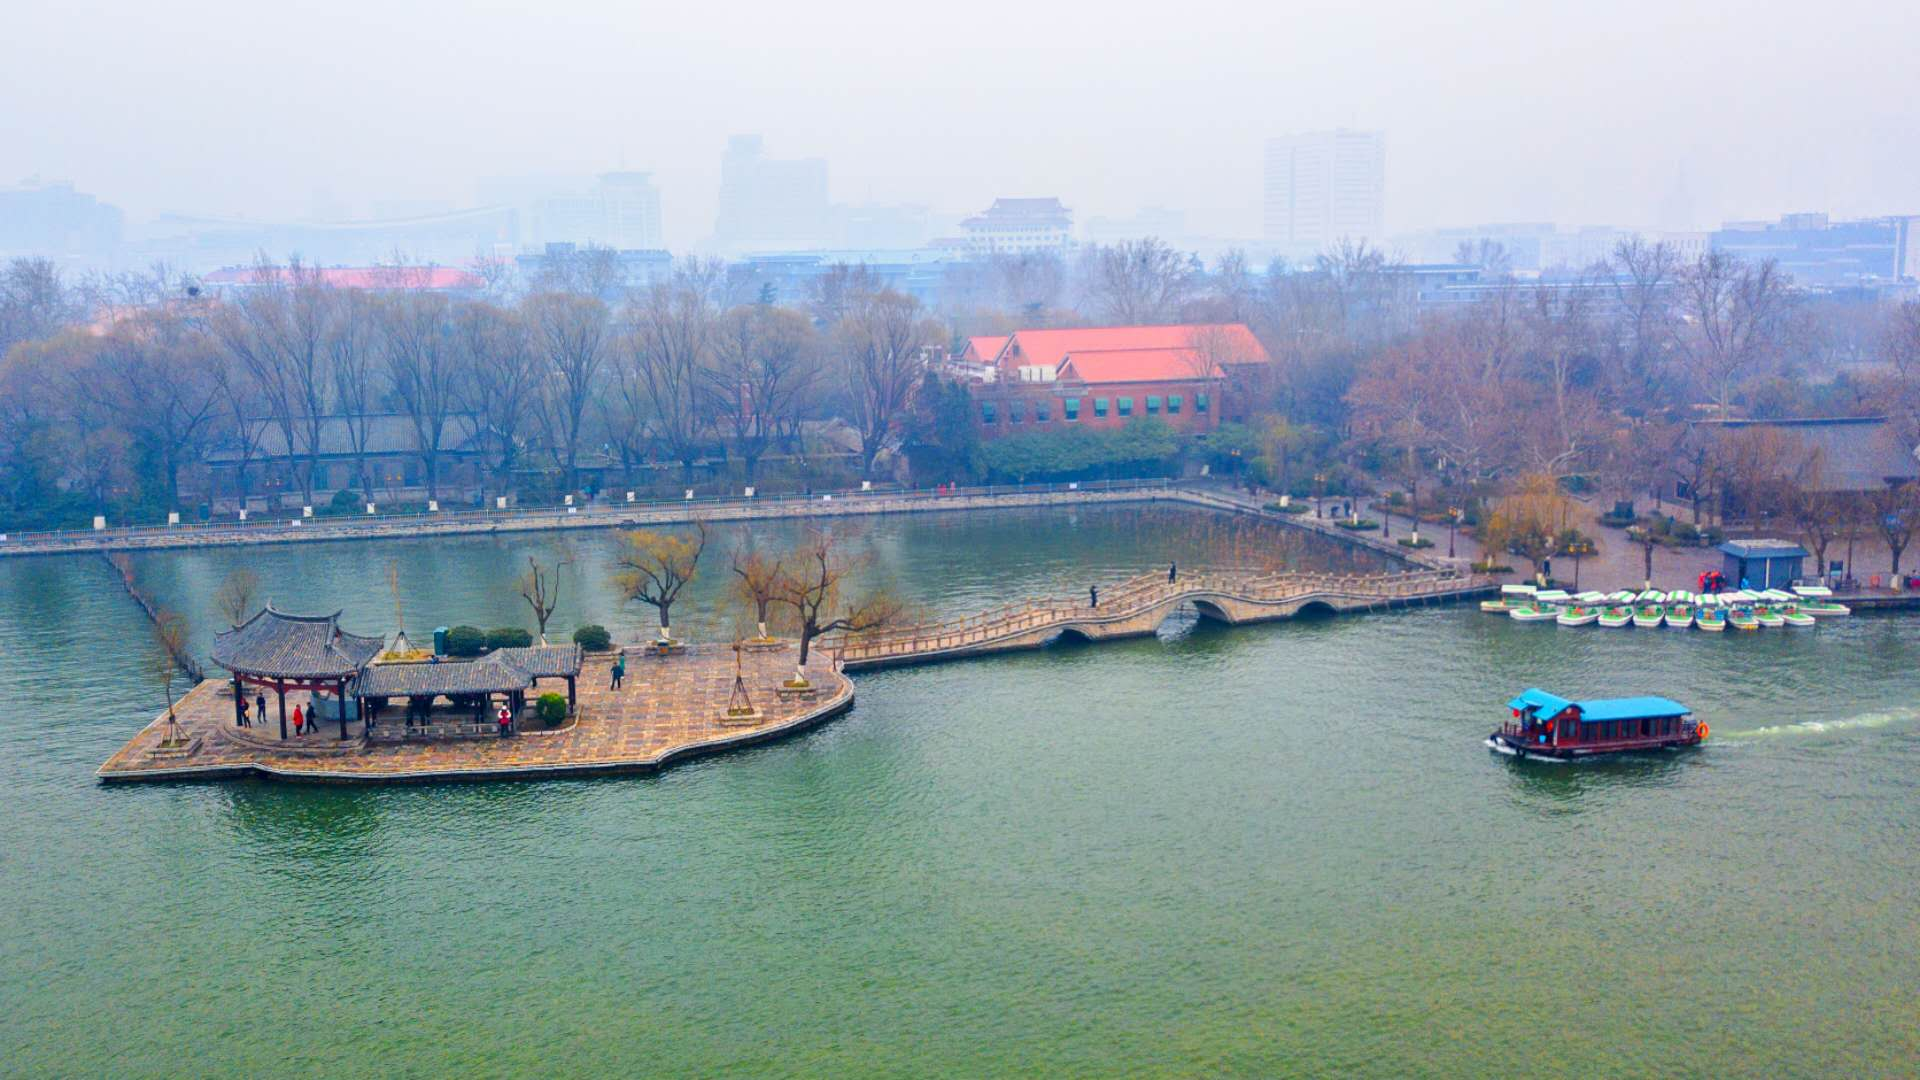 飞吧山东丨鸟瞰大明湖春雨朦胧 烟柳翠绿美如画